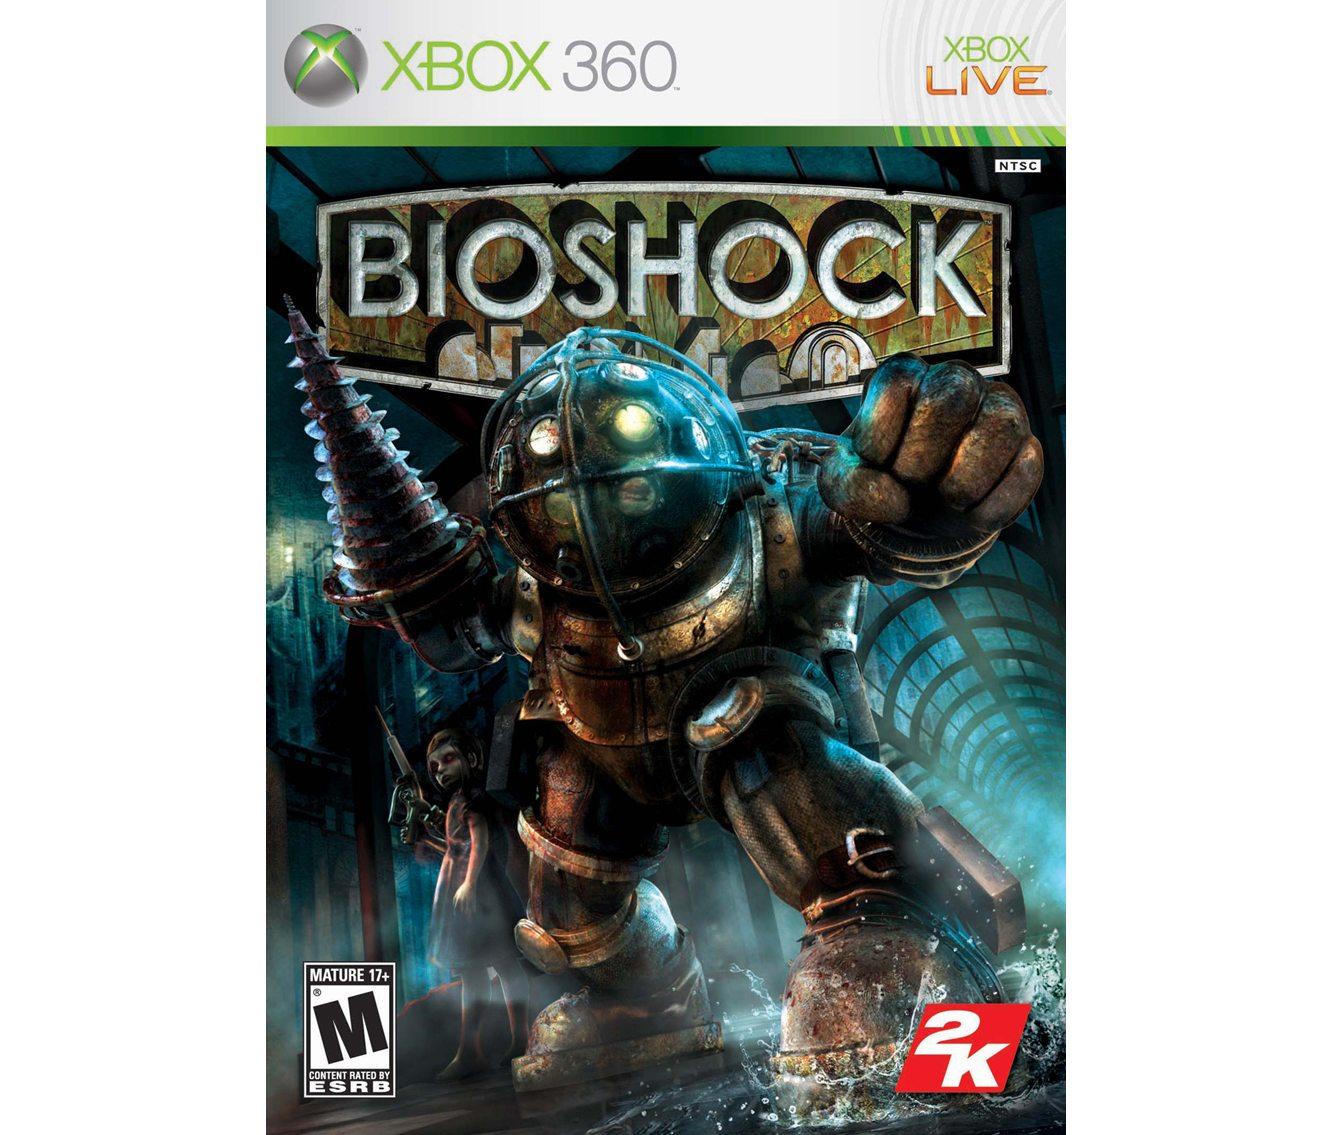 Xbox 360 Bioshock Xbox 360